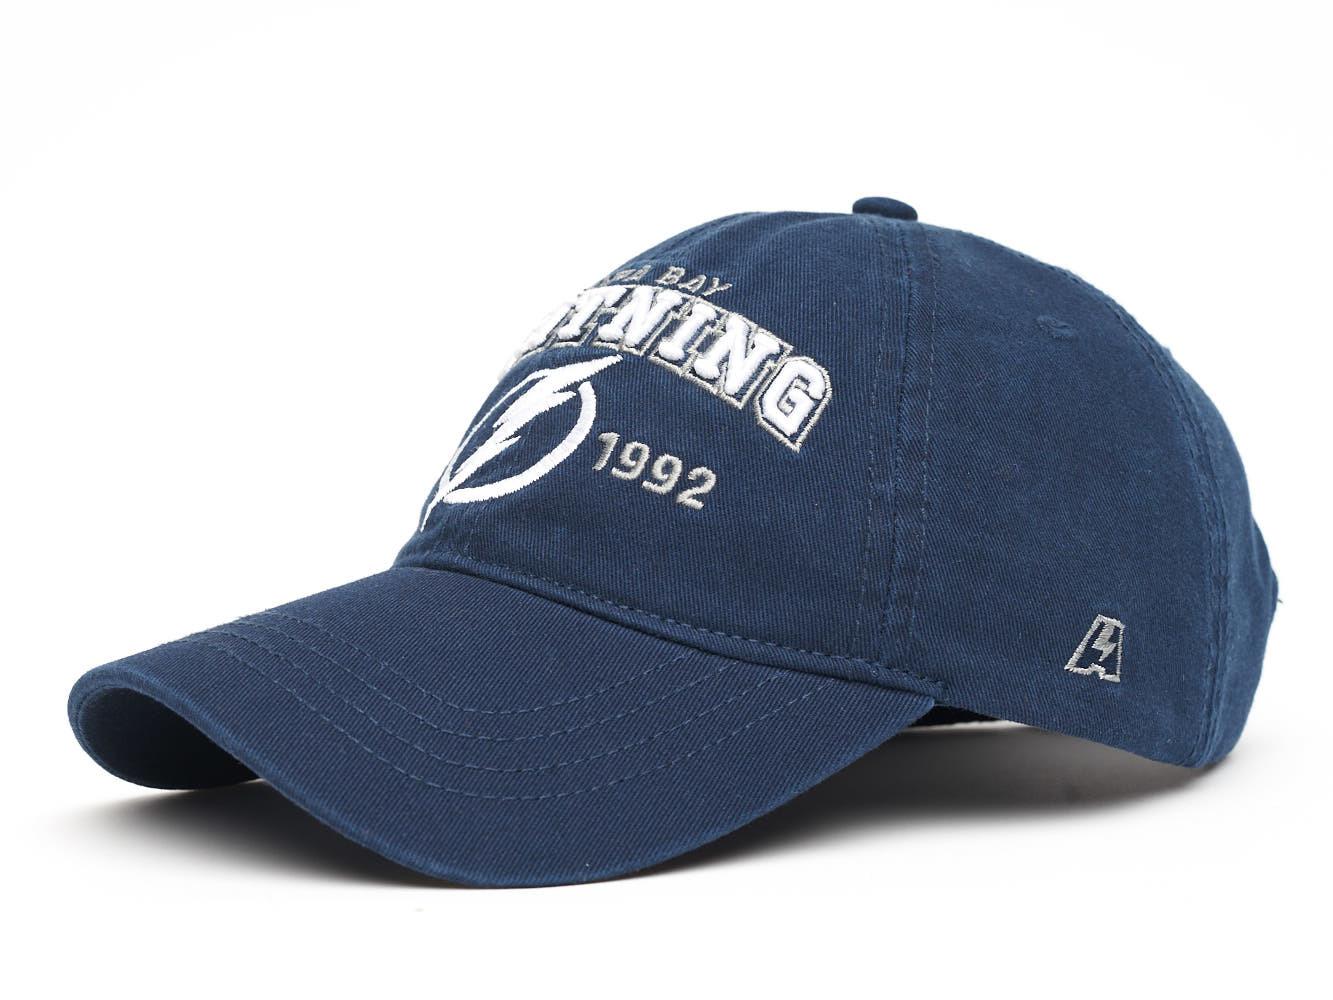 Бейсболка NHL Tampa Bay Lightning est. 1992 (подростковая)